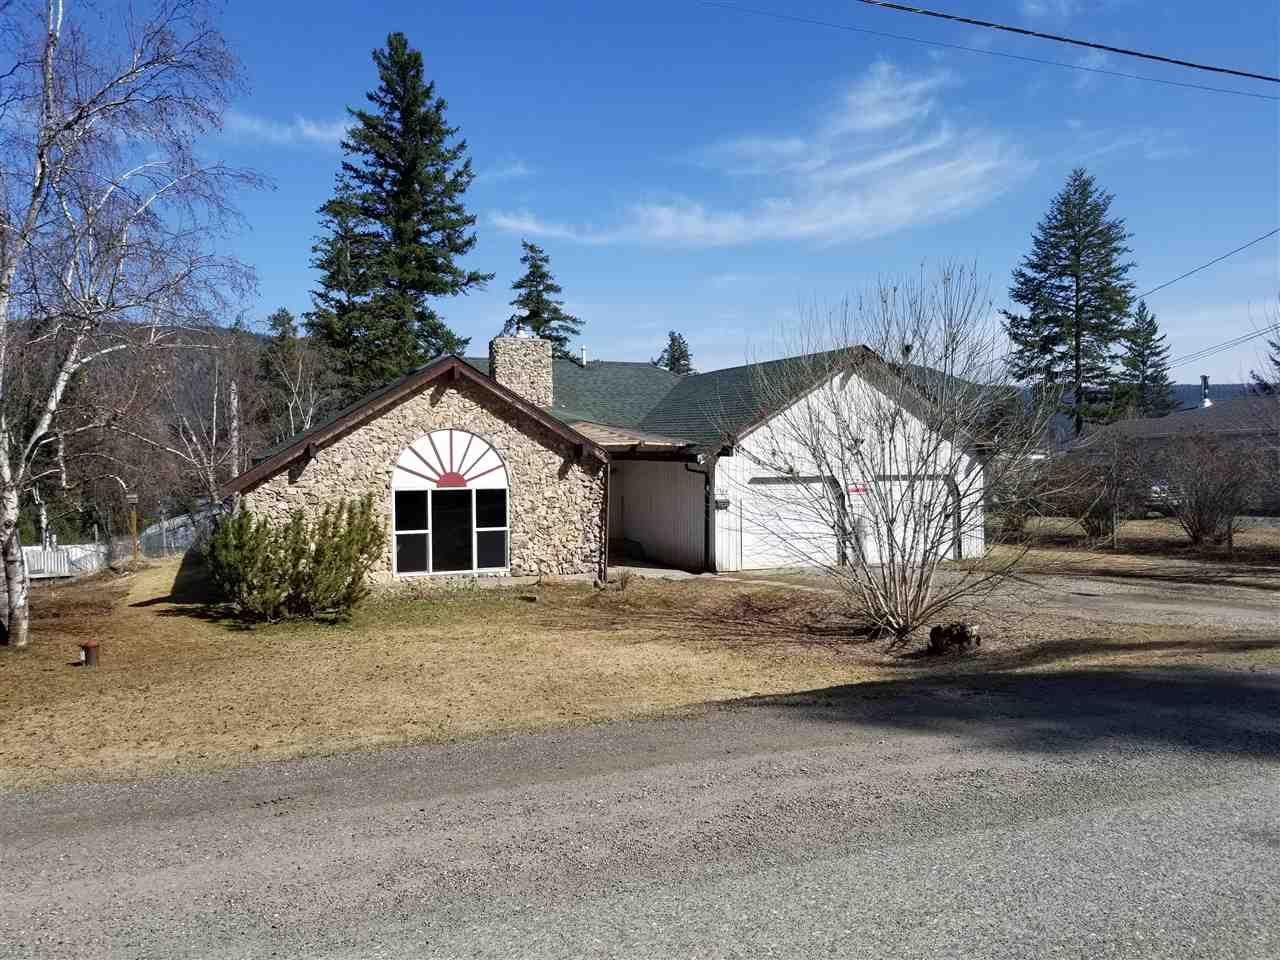 Main Photo: 1704 JUNIPER Street in Williams Lake: Williams Lake - City House for sale (Williams Lake (Zone 27))  : MLS®# R2571391